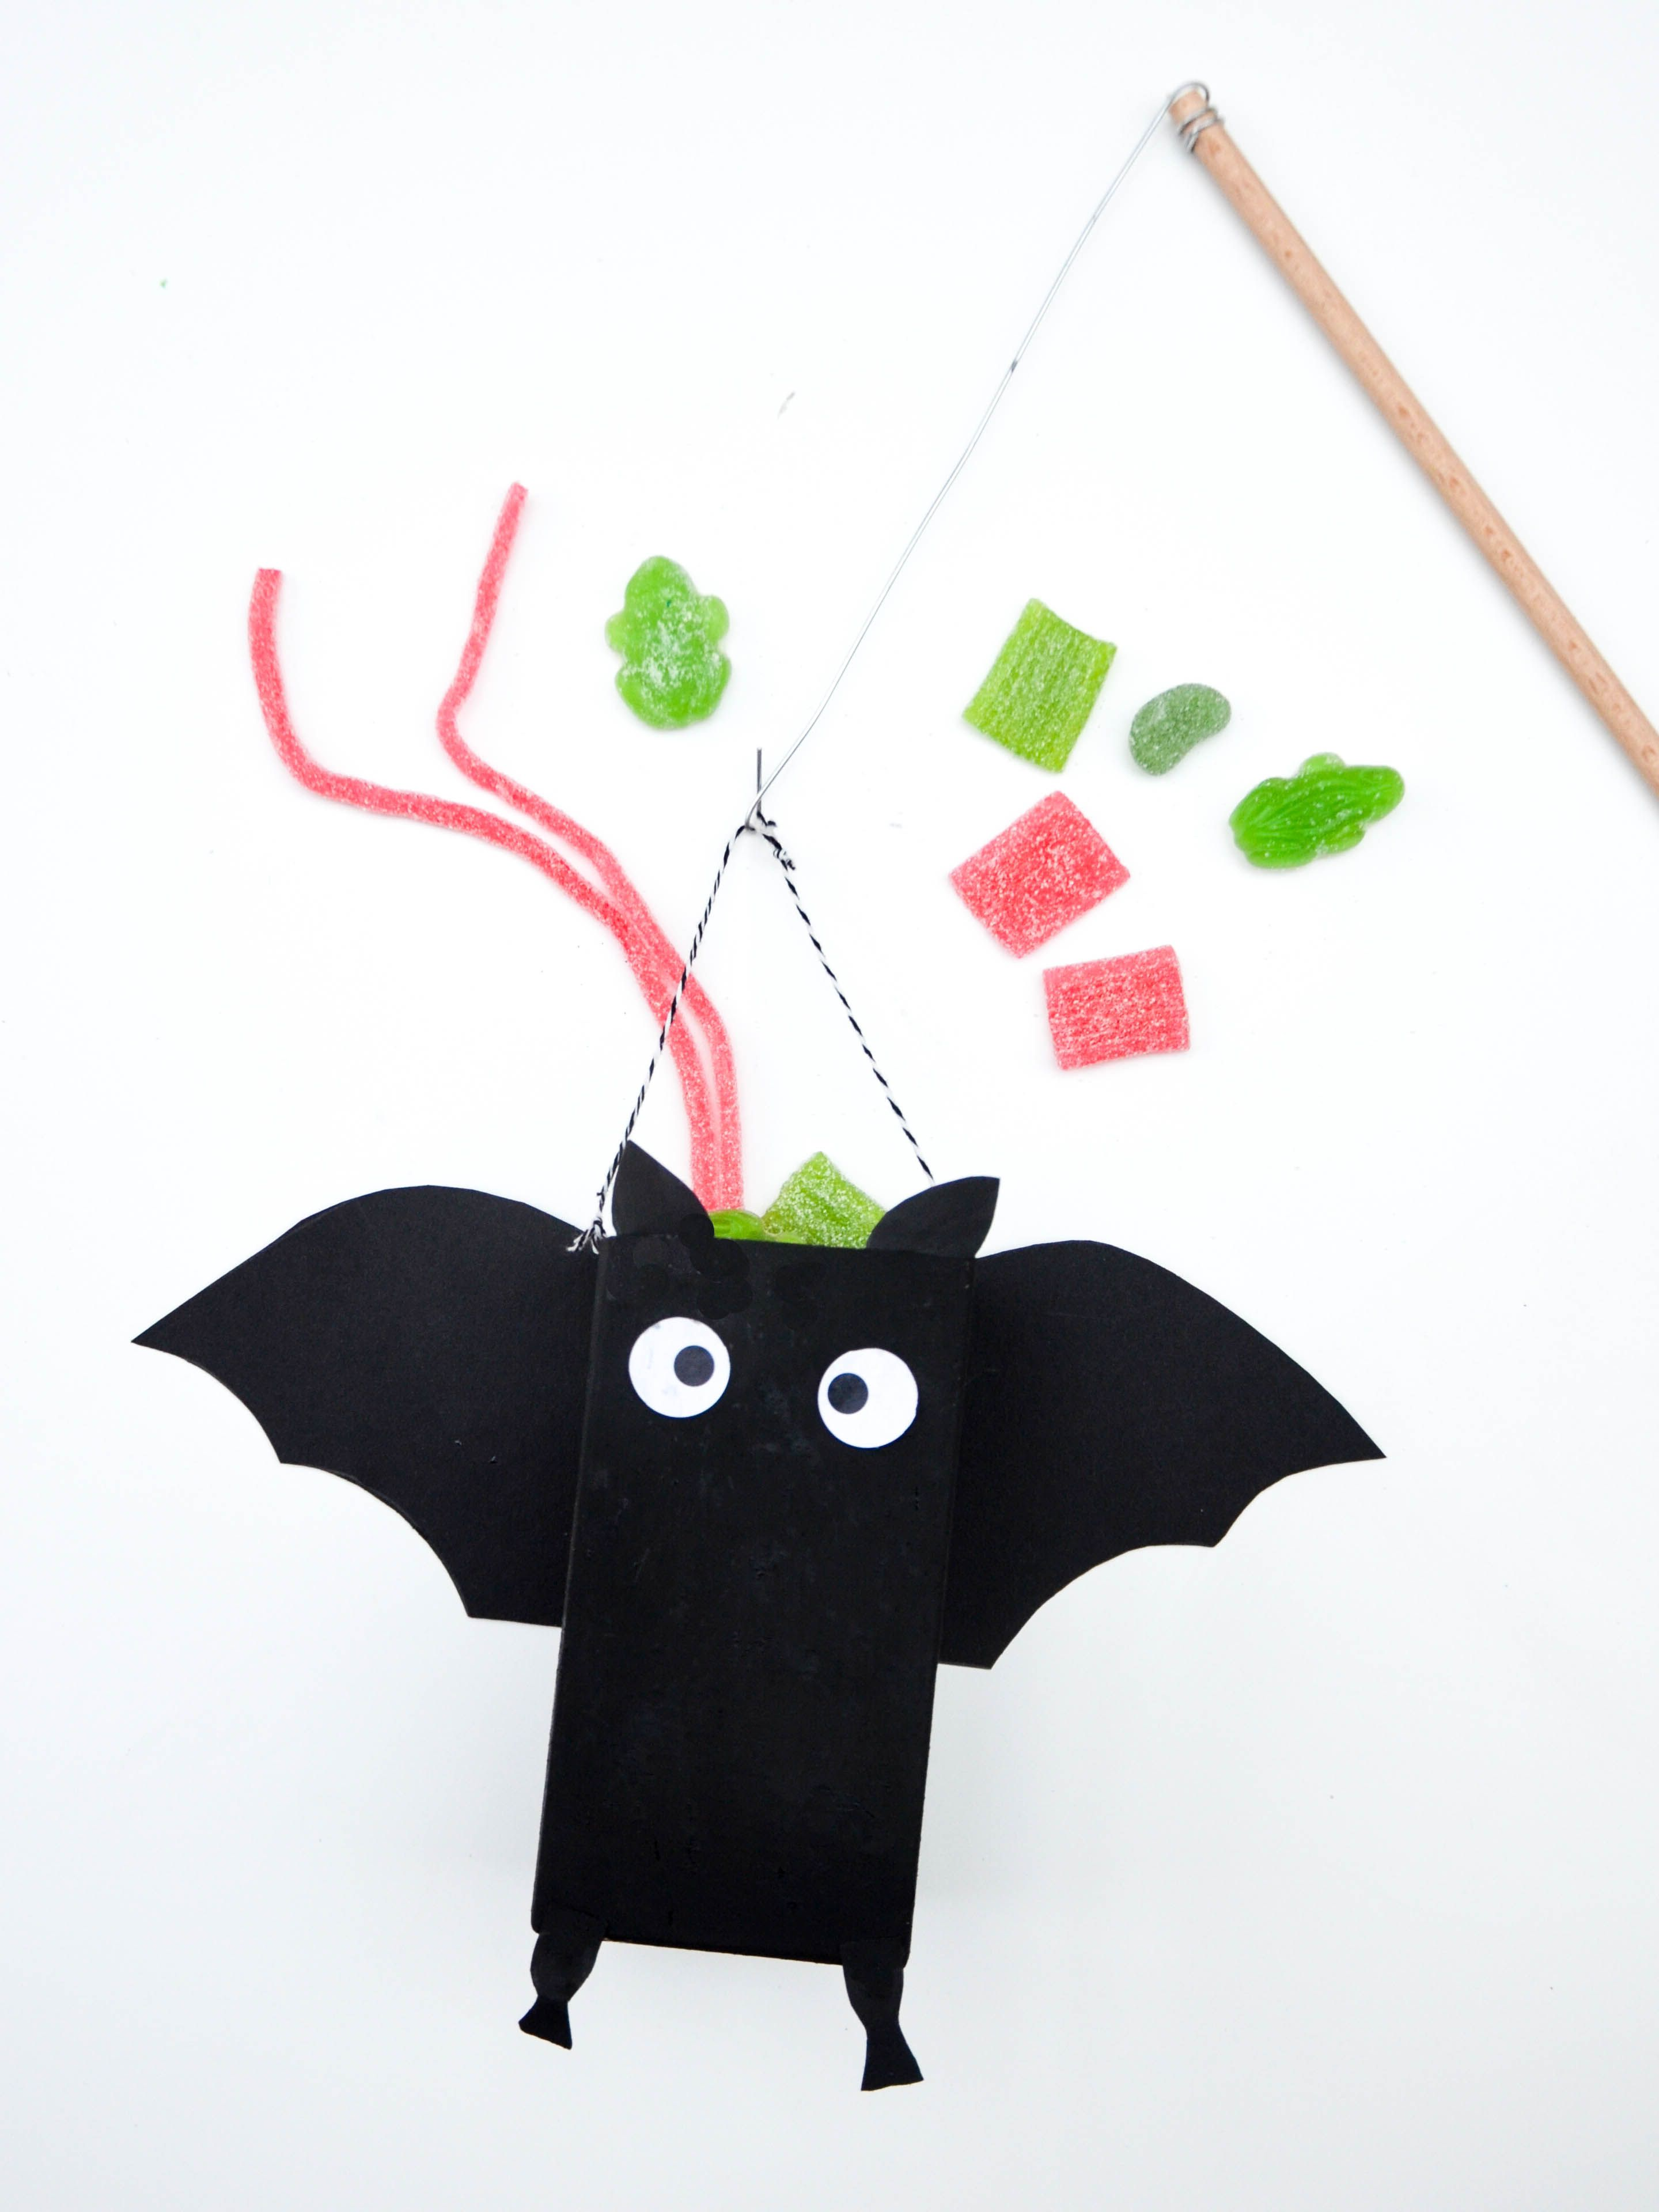 Fledermaus-Angel für Halloween | Fledermaus basteln, Süßes oder ...